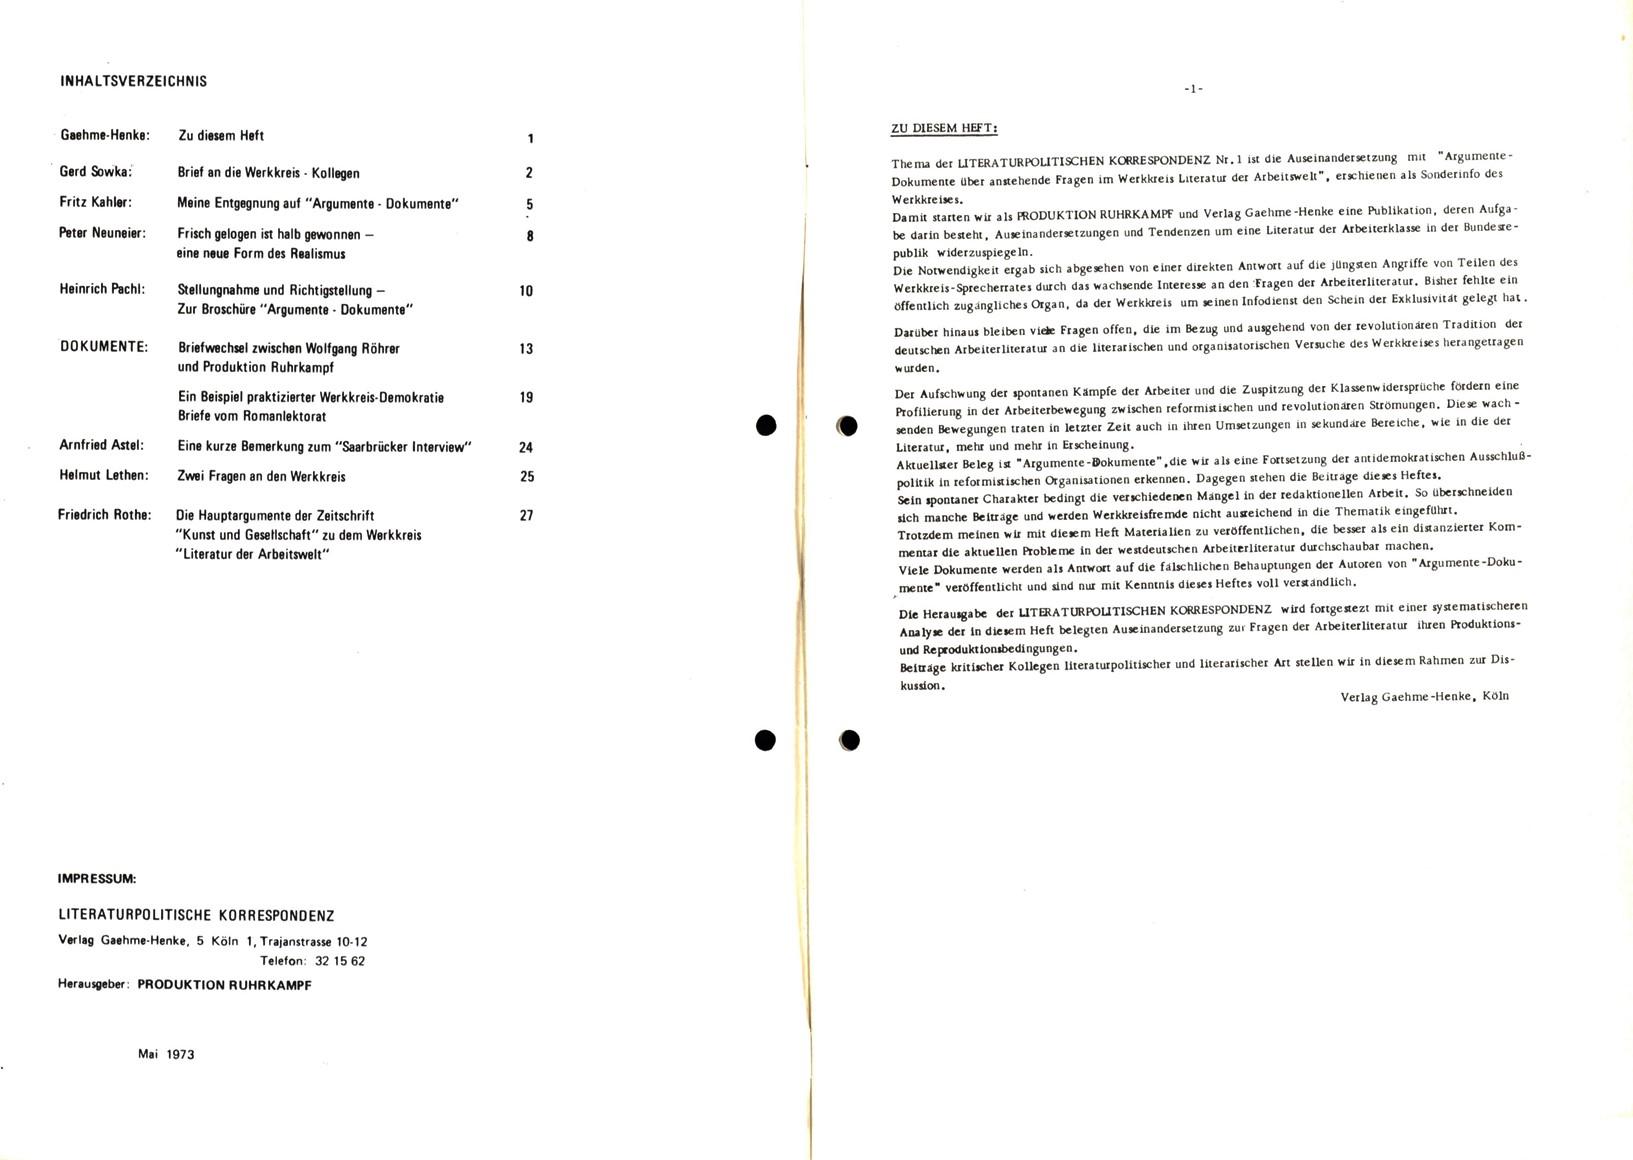 Ruhrkampf_Literaturpolitische_Korrespondenz_19730600_02